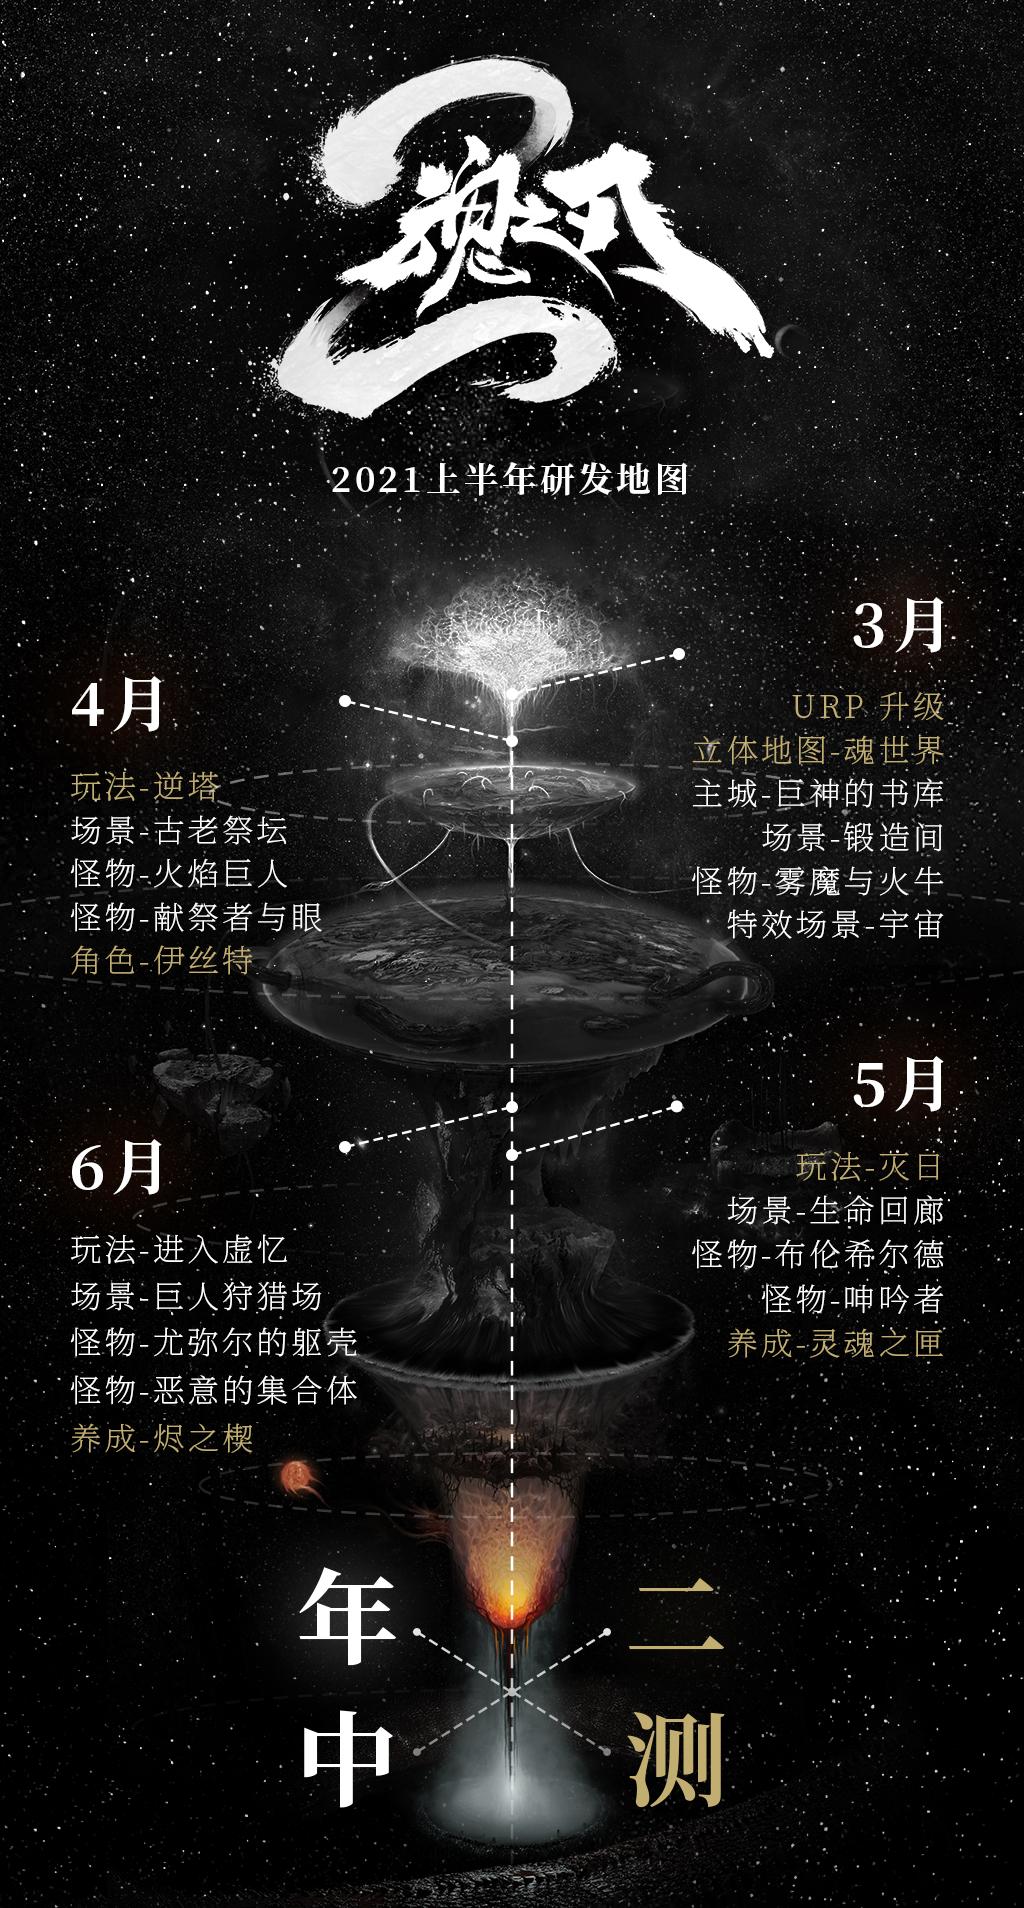 魂之刃2-2021上半年研发地图